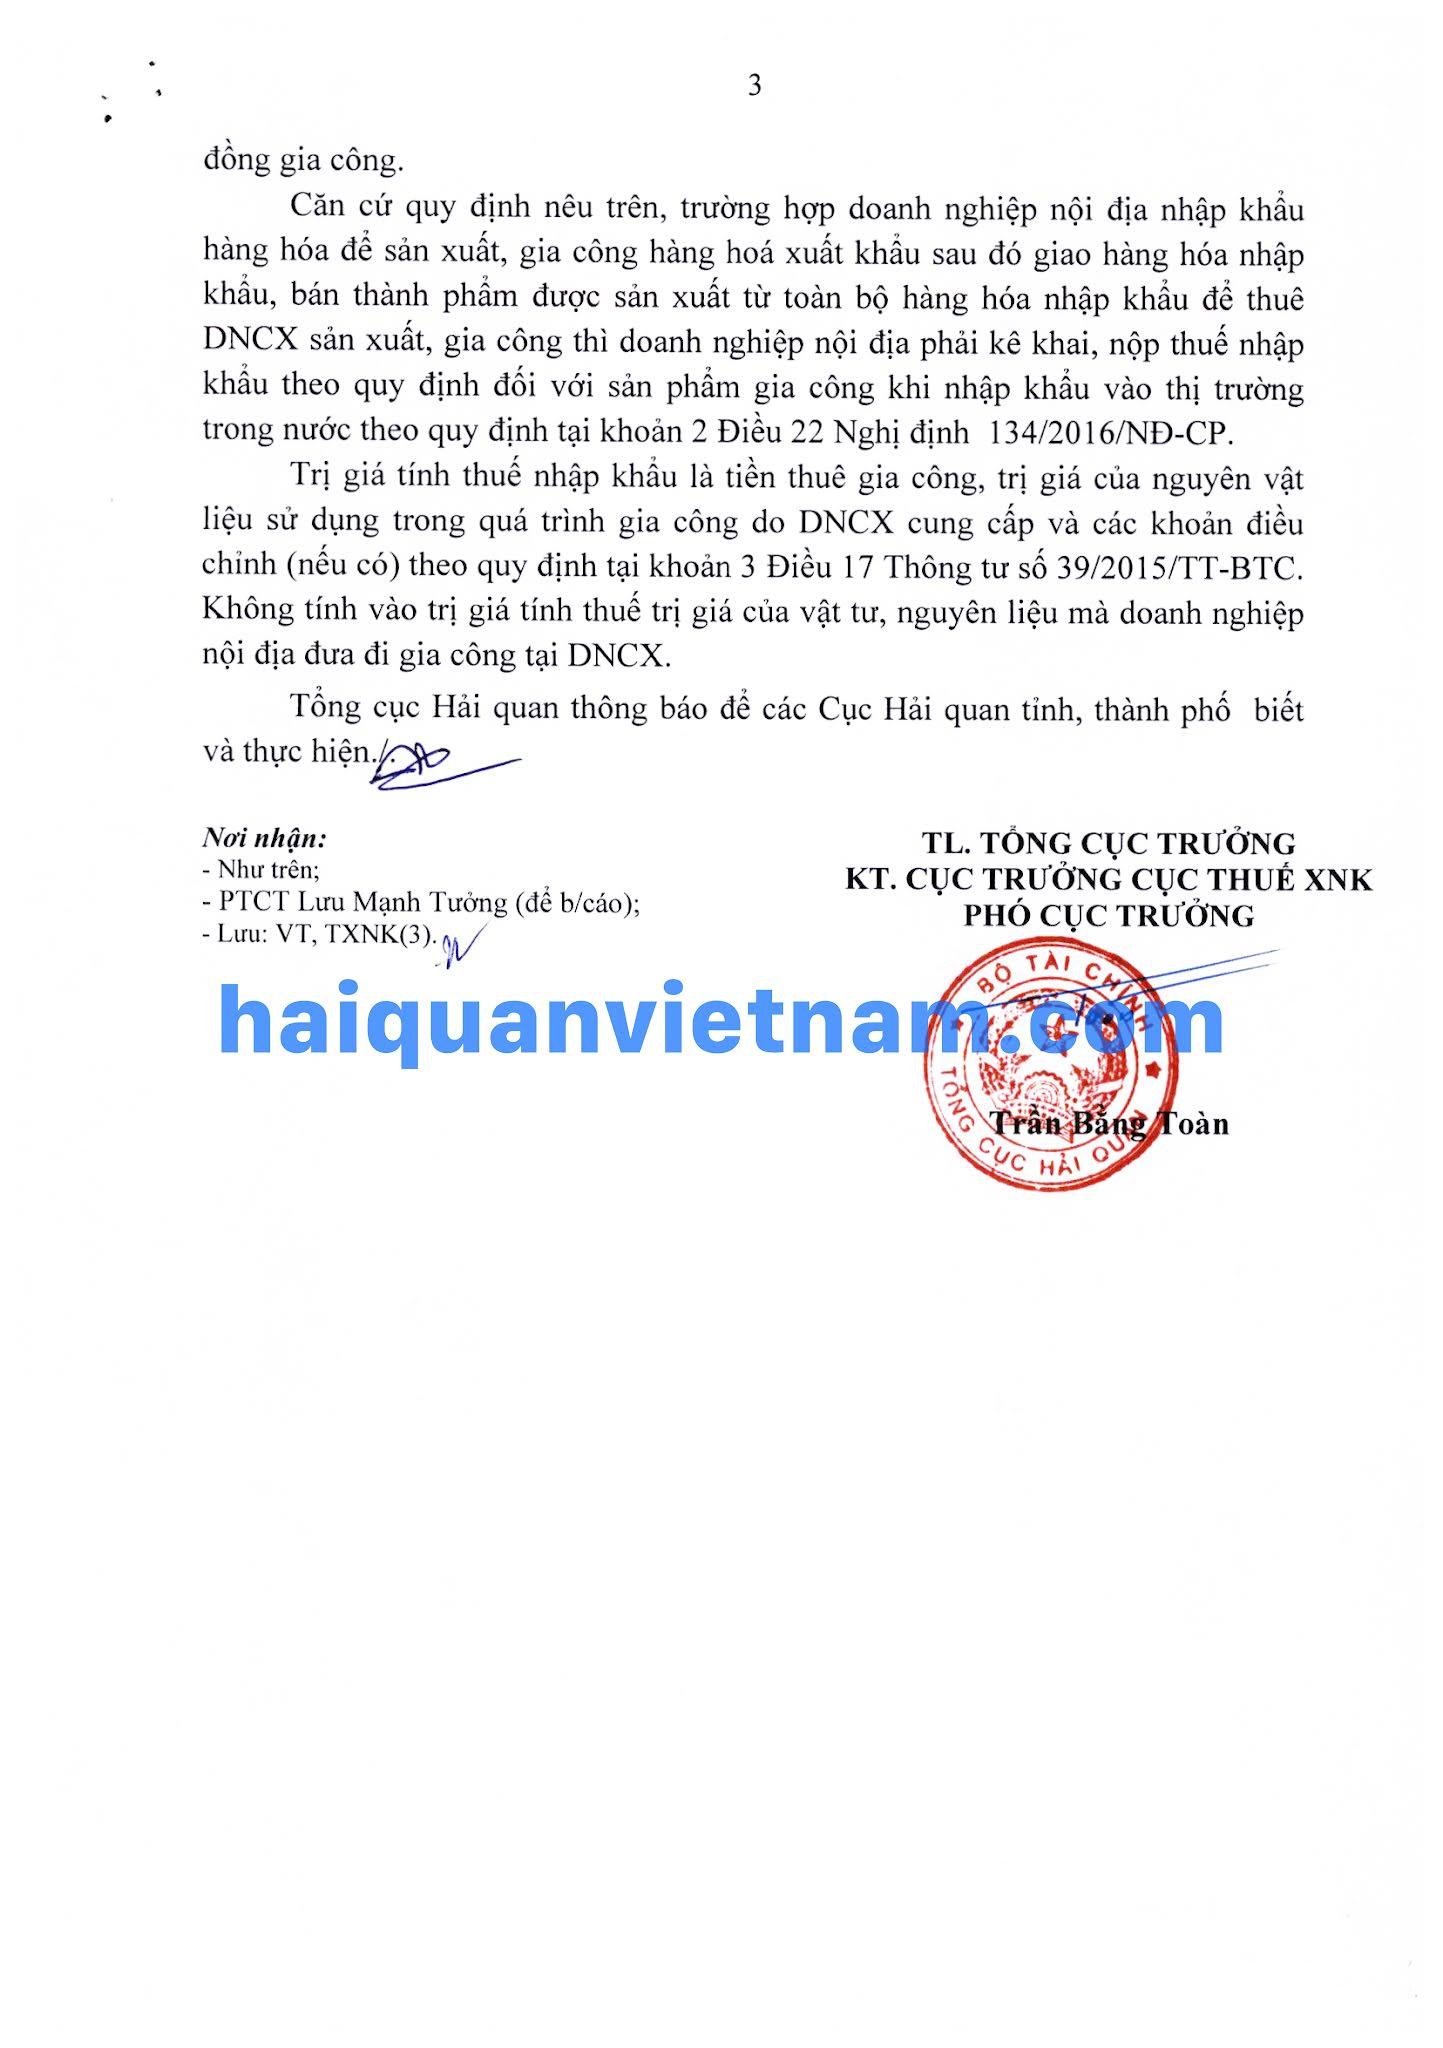 [Image: 210719%2B-%2B3634-TCHQ-TXNK_haiquanvietnam_03.jpg]